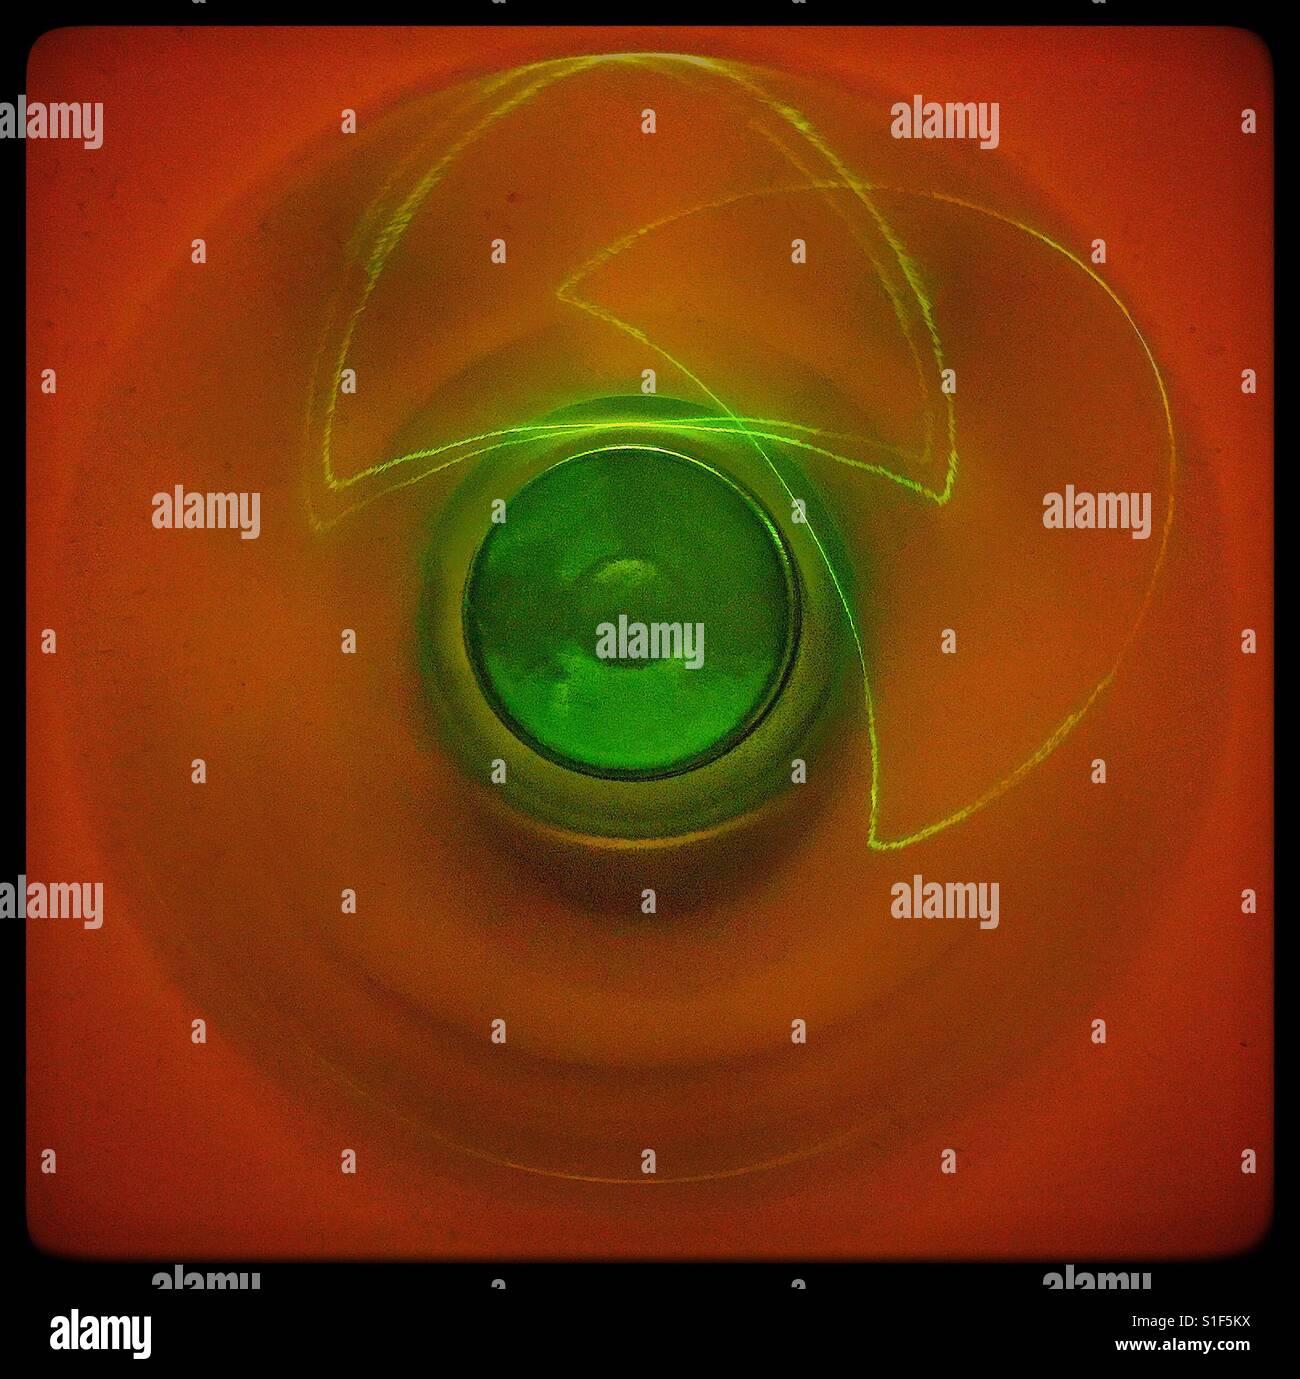 Spinning fidget spinner - Stock Image